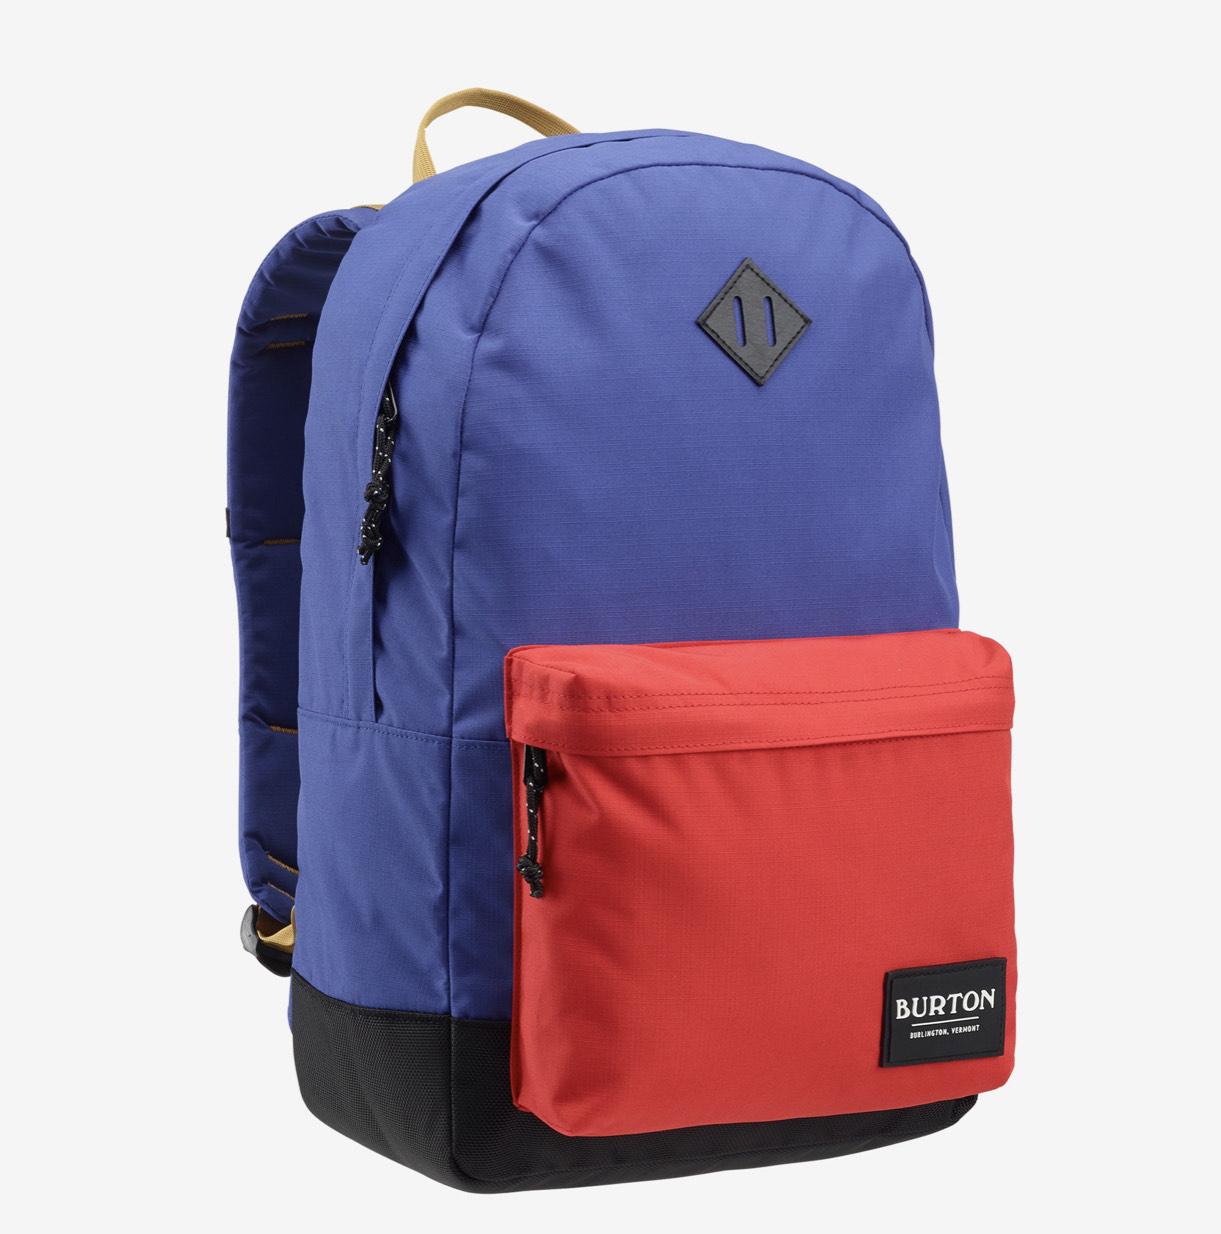 Burton Kettle Backpack 20L